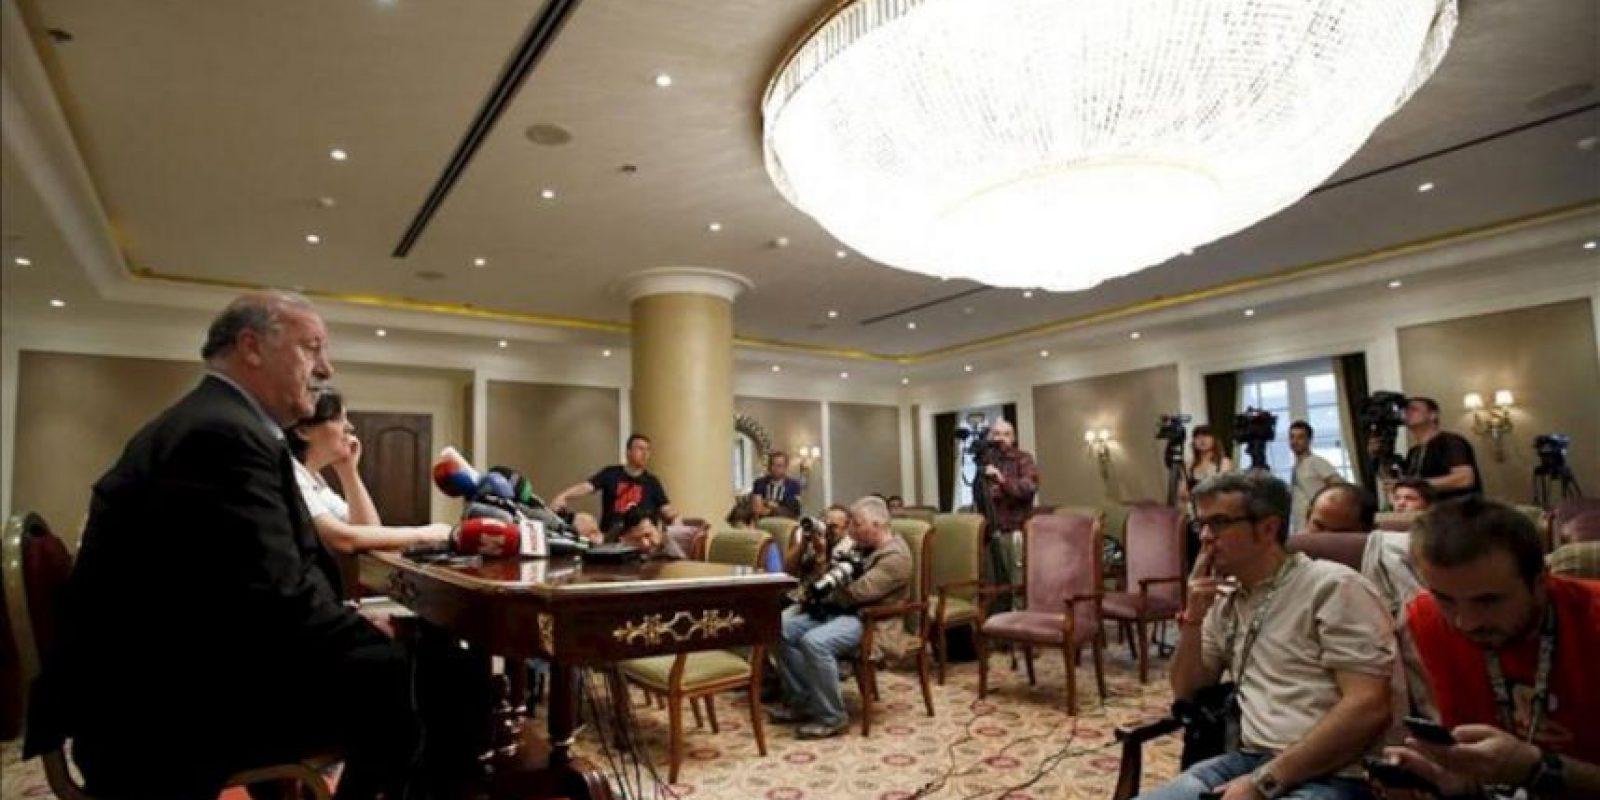 El seleccionador español de fútbol, Vicente del Bosque, durante la rueda de prensa que ofreció en el hotel en el que el equipo español permanecerá concentrado en Kiev, ciudad en la que el próximo domingo disputará la final de la Eurocopa 2012. EFE